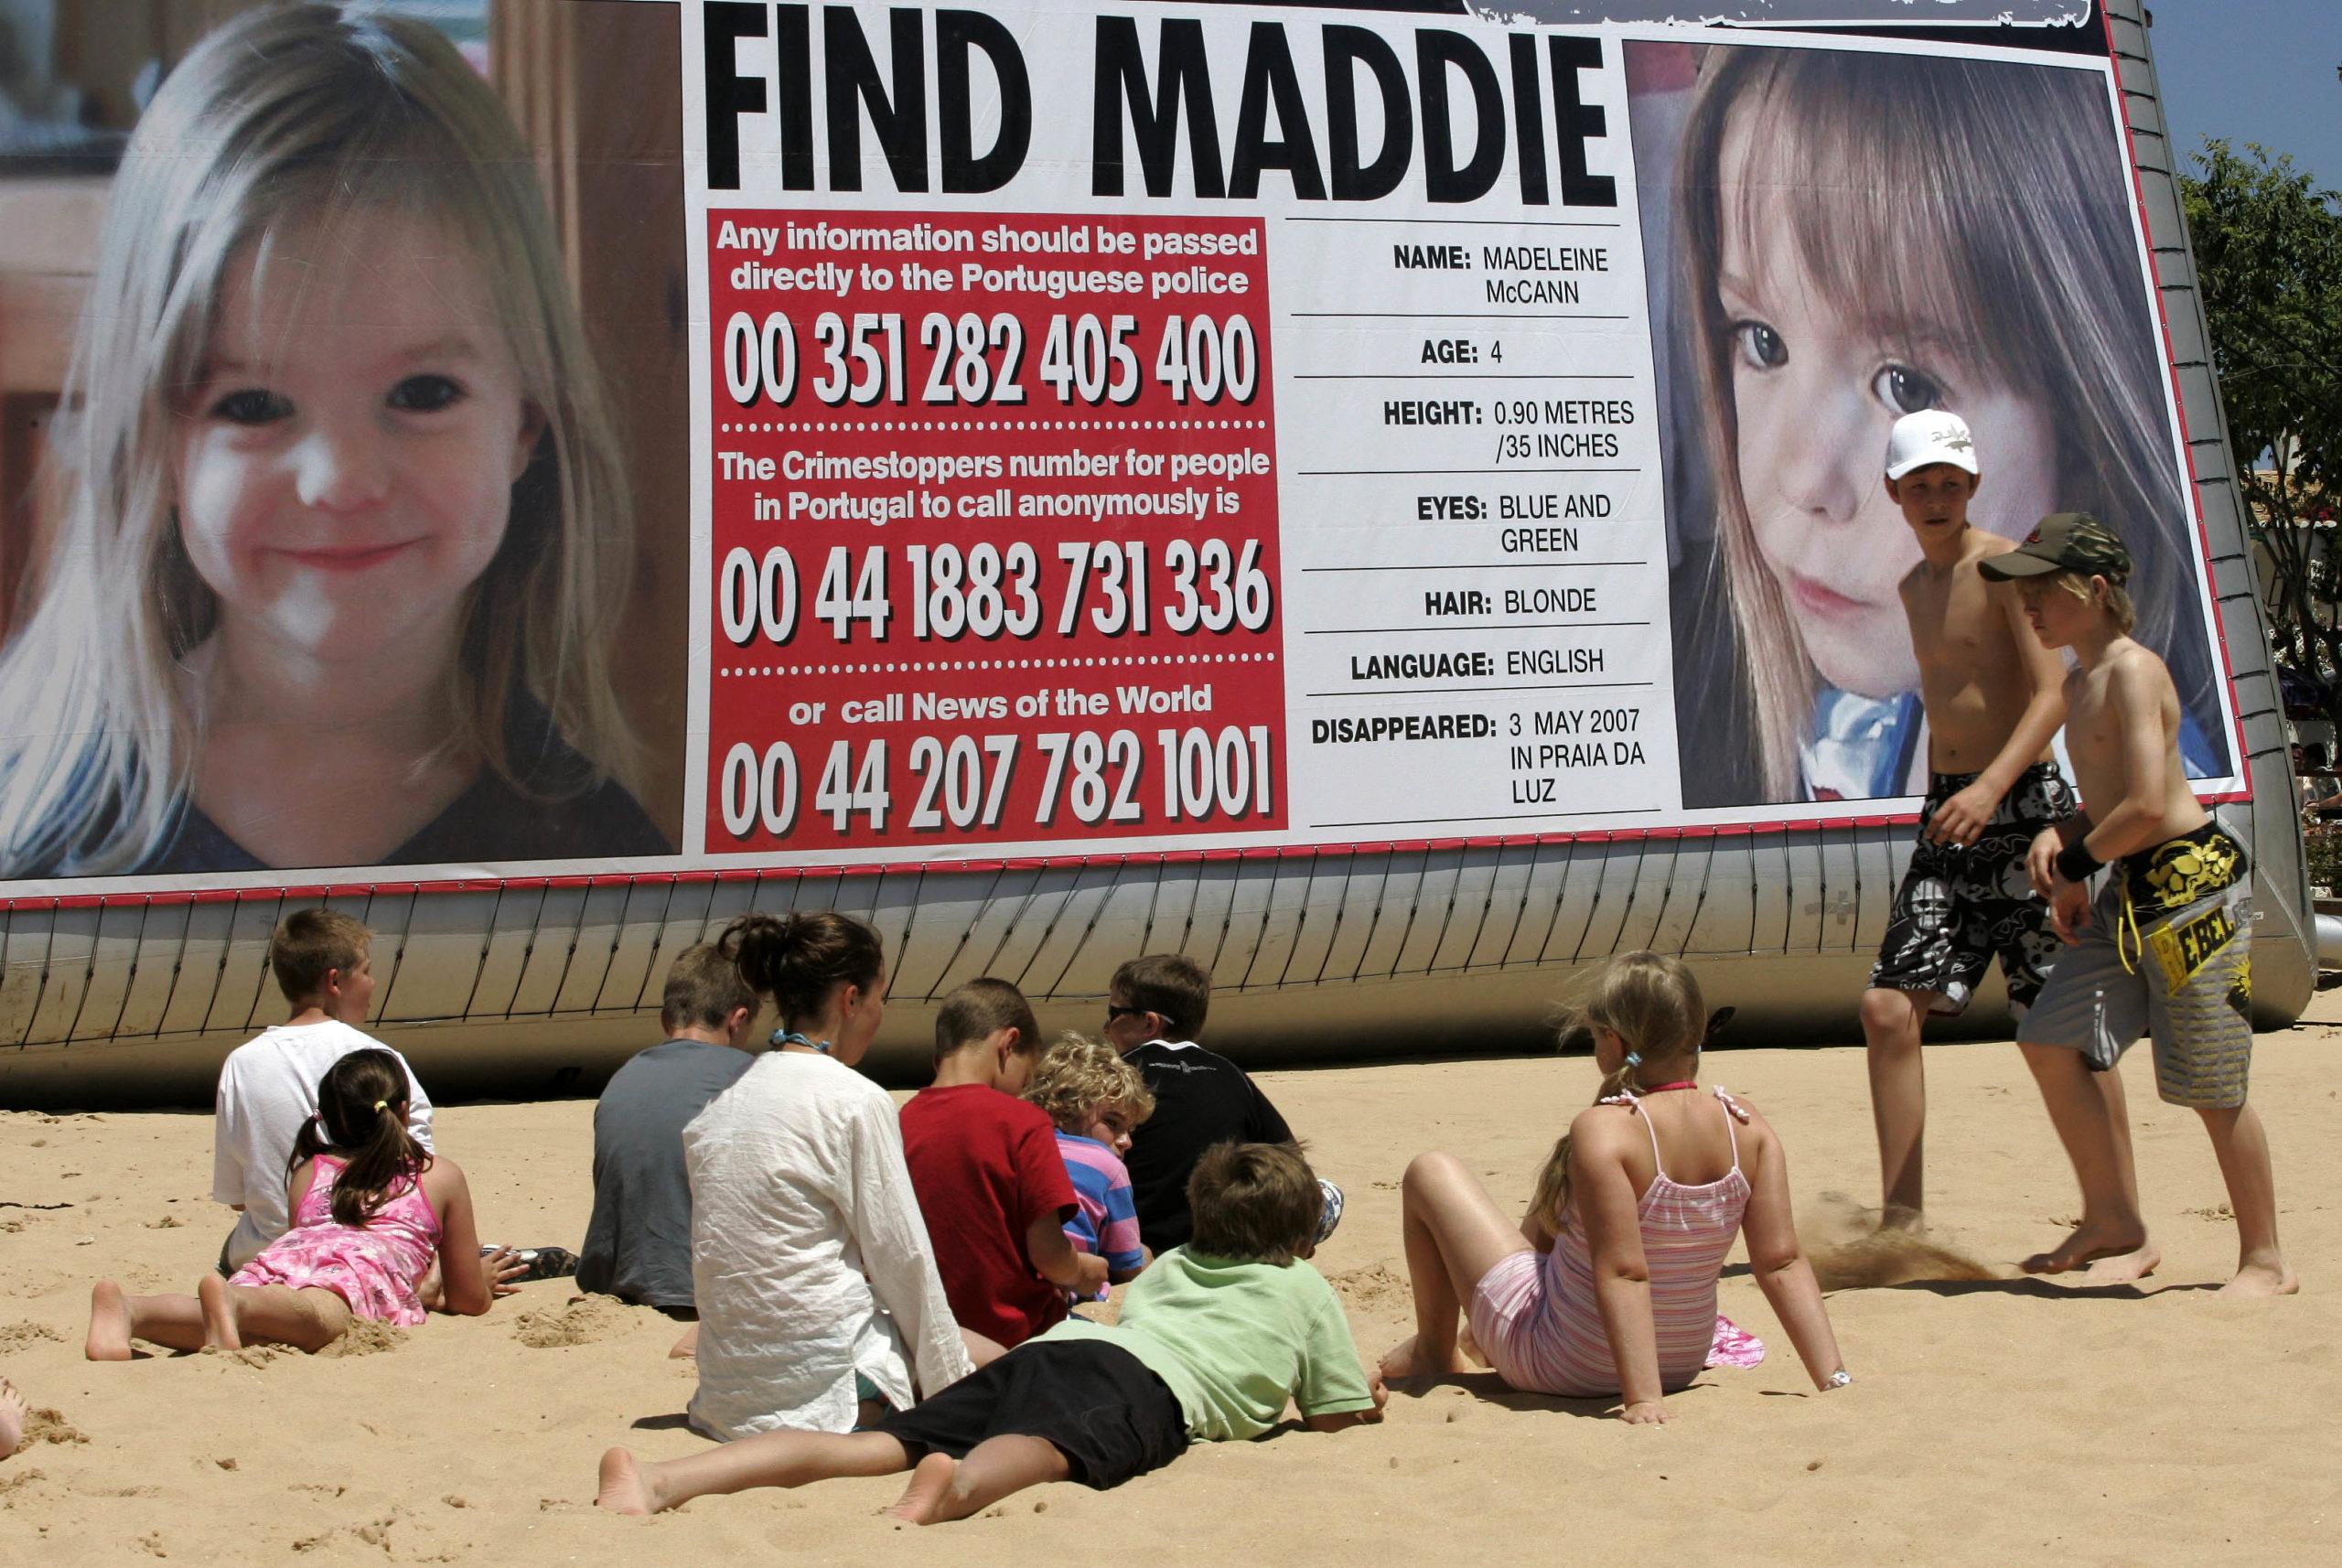 Affaire Maddie: Le procureur allemand s'intéresse à un viol commis dans la même région du Portugal